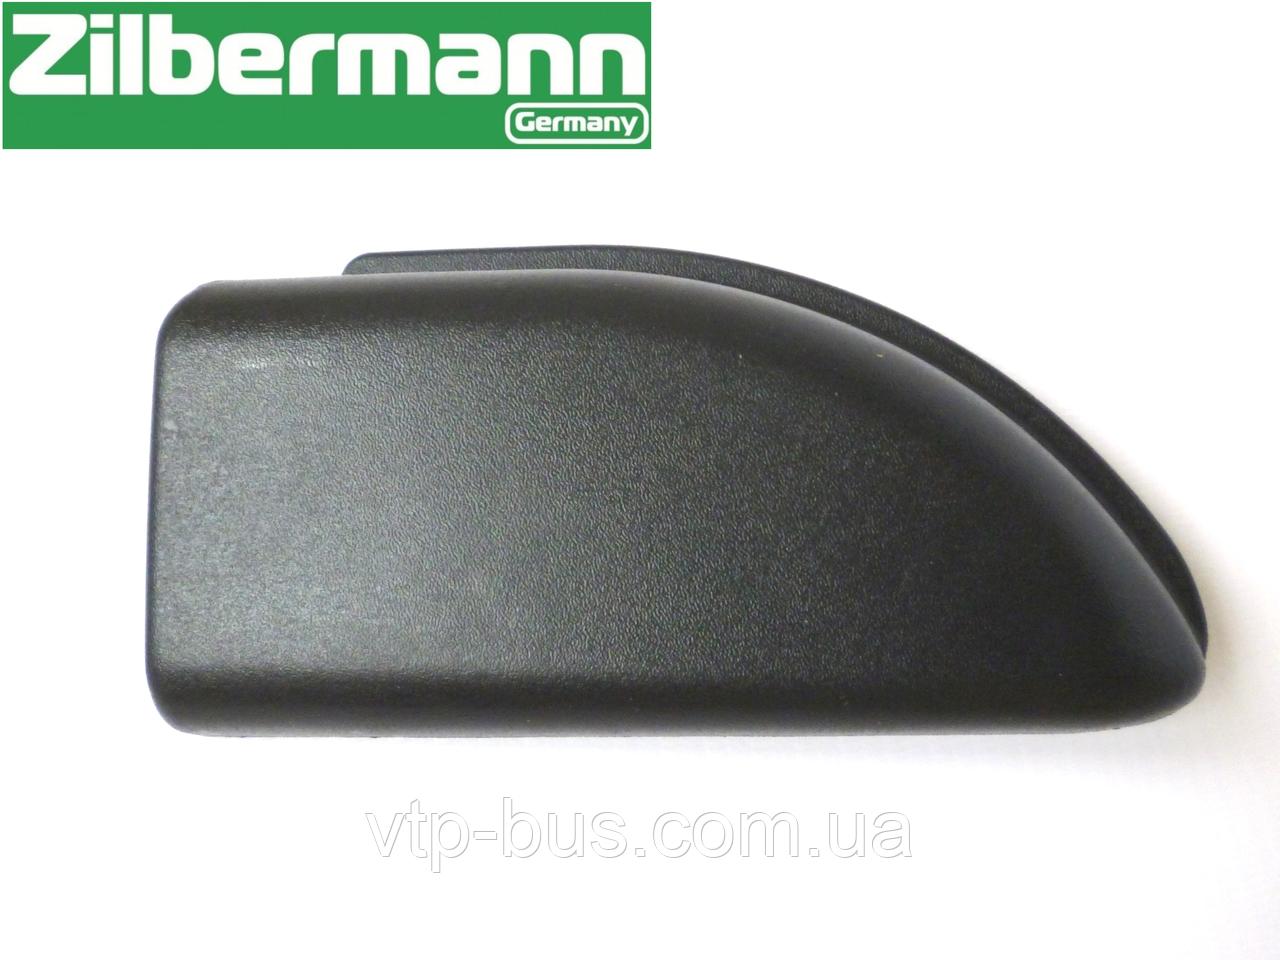 Треугольник, профиль раздвижной двери на Renault Trafic  (2001-2014) Zilbermann (Германия) 20-538